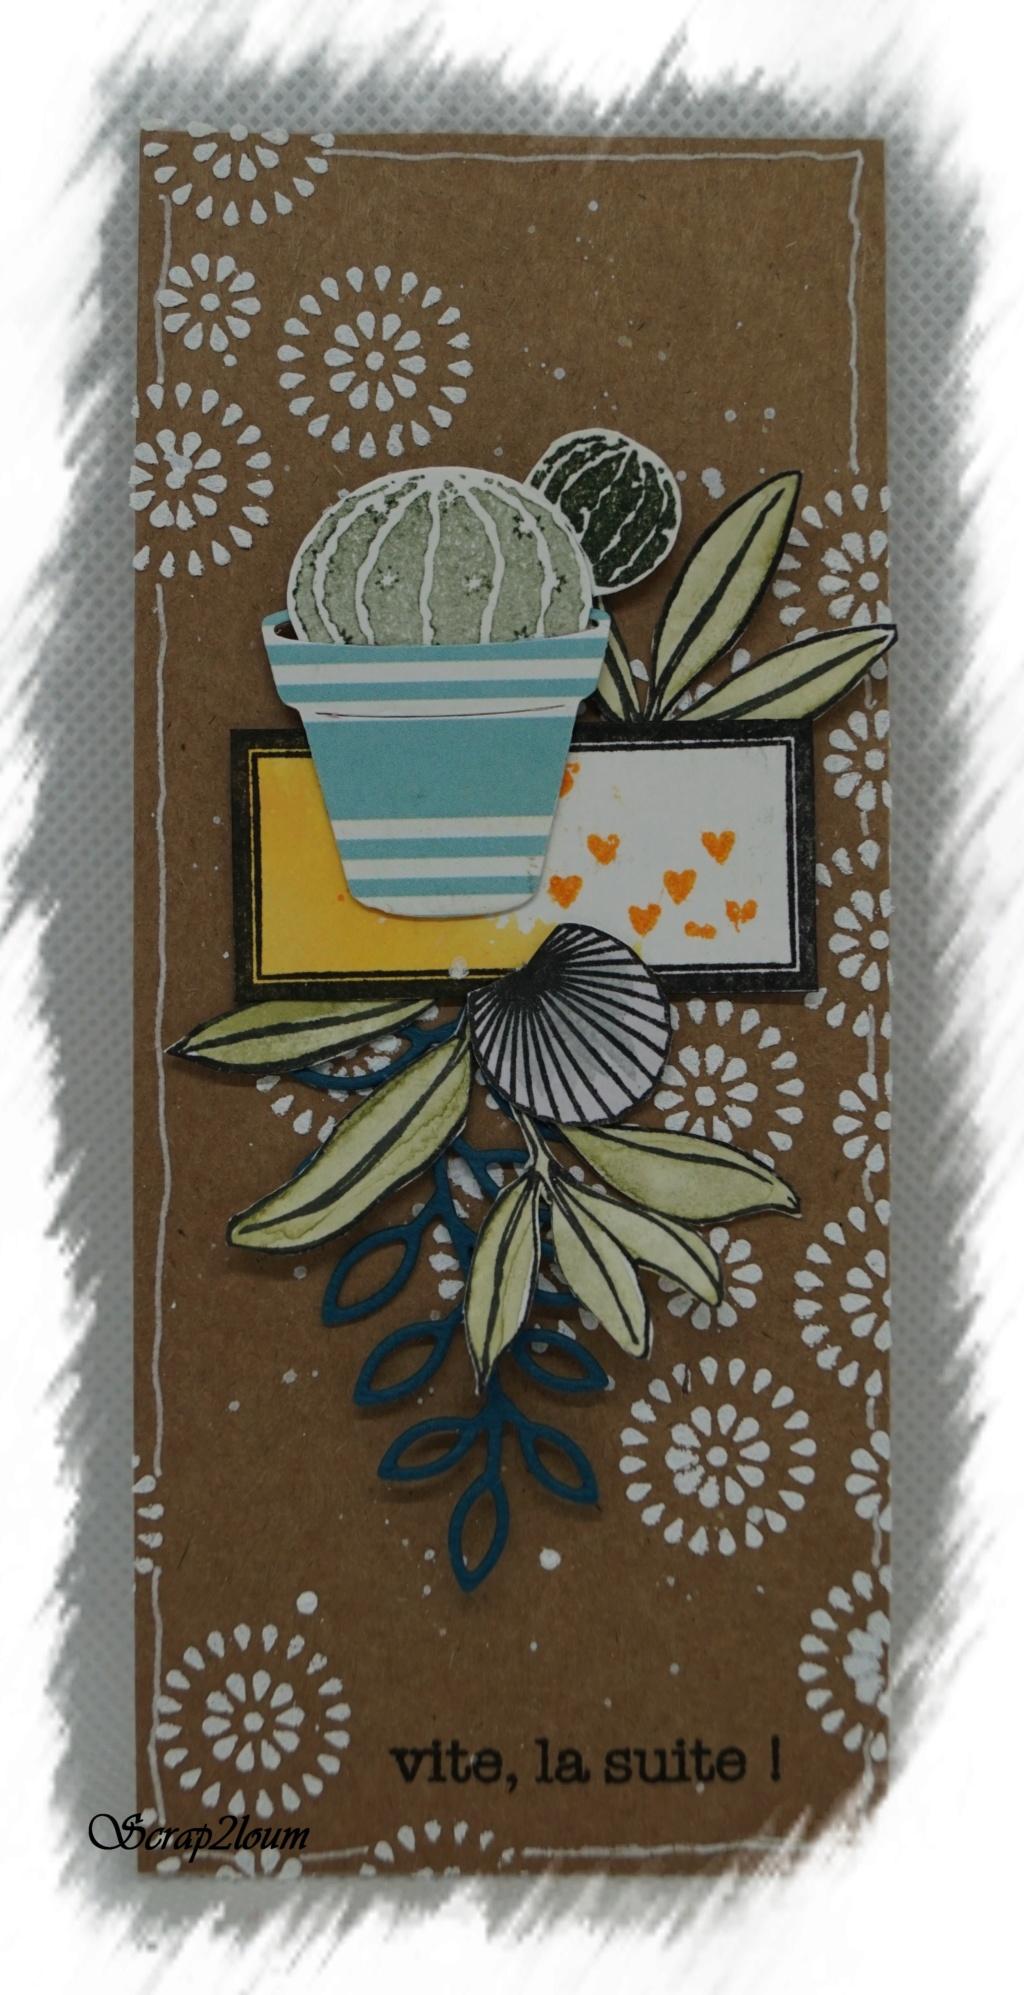 Galerie de Chantaloum  - Page 2 Marque18